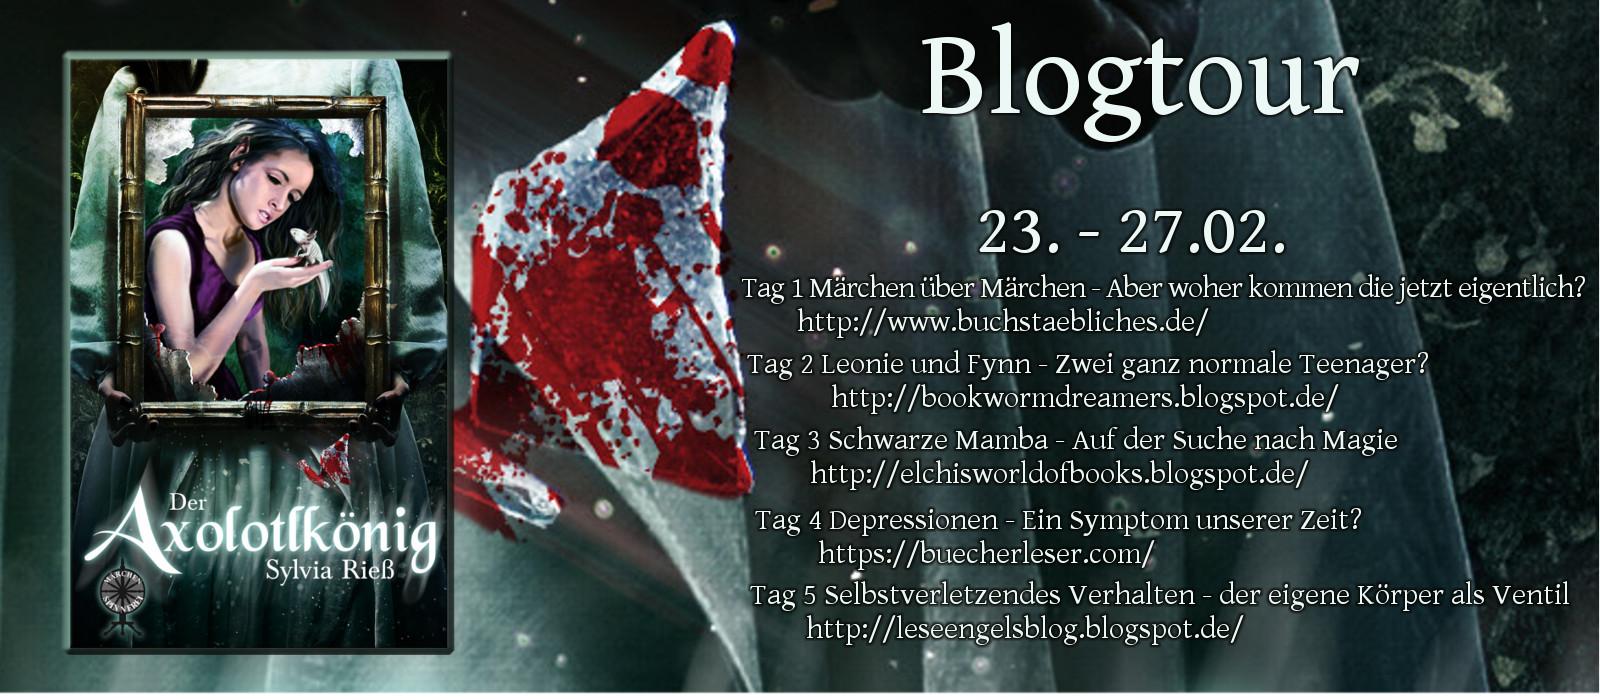 Blogtour - Der Axolotlkönig (23.02. - 27.02.2017